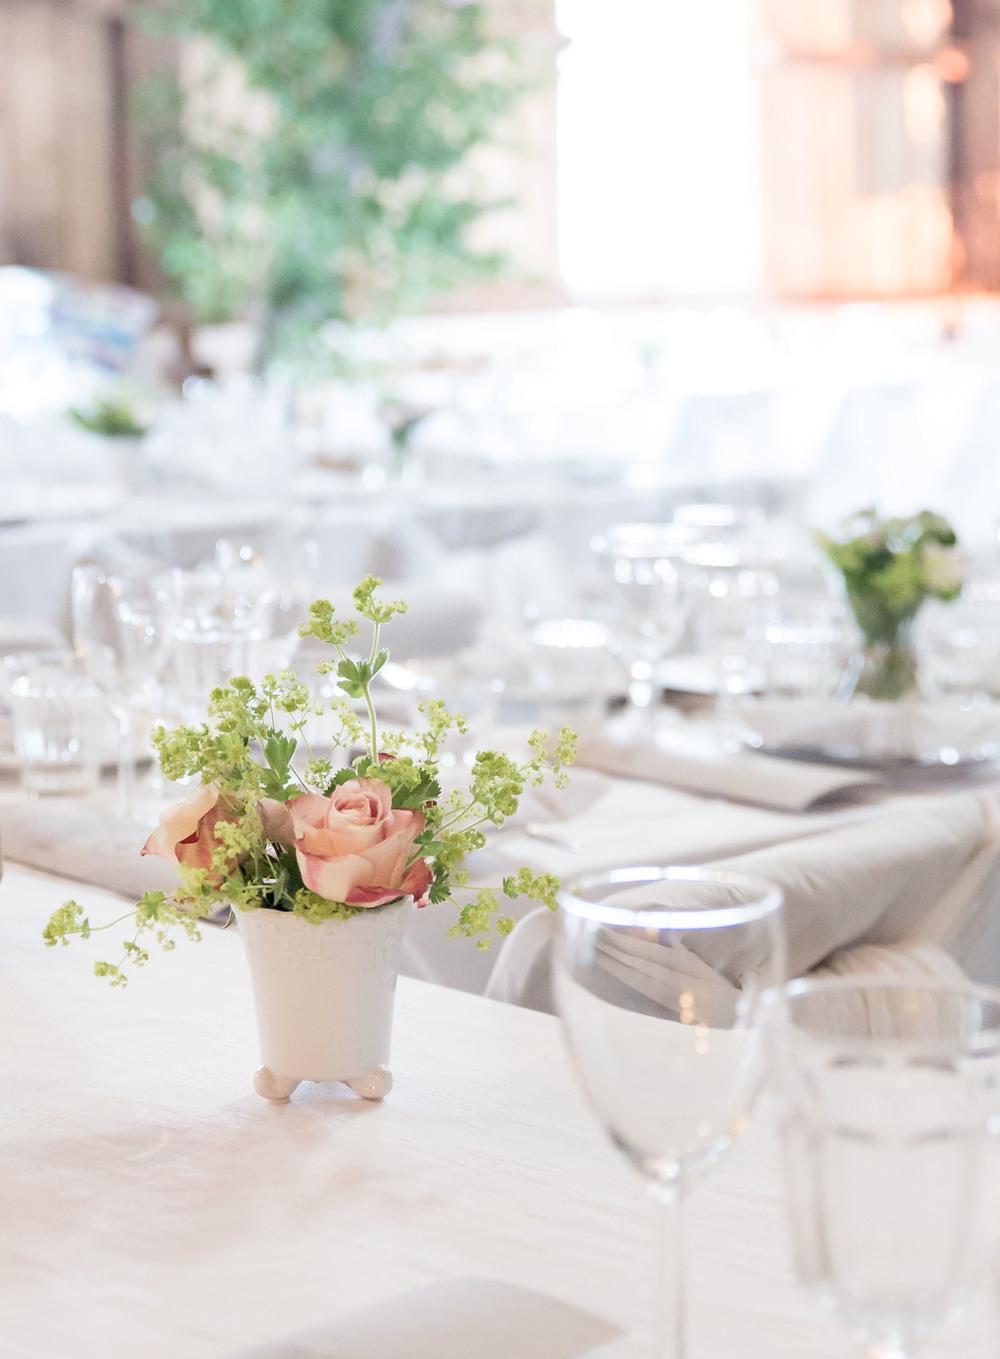 Blommor på bordet. Oasis för blommor i krukan hjälper dig att få det snyggt.